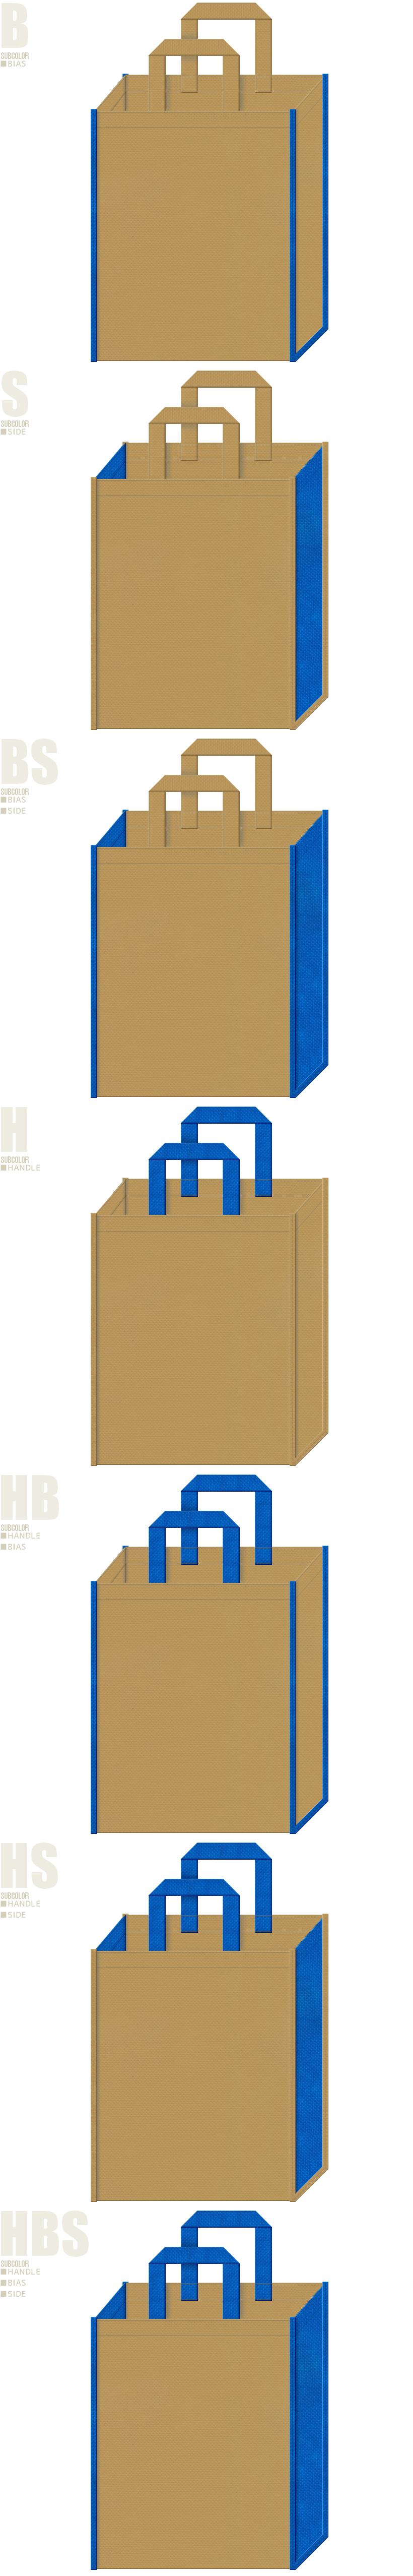 不織布トートバッグのデザイン例-不織布メインカラーNo.23+サブカラーNo.22の2色7パターン